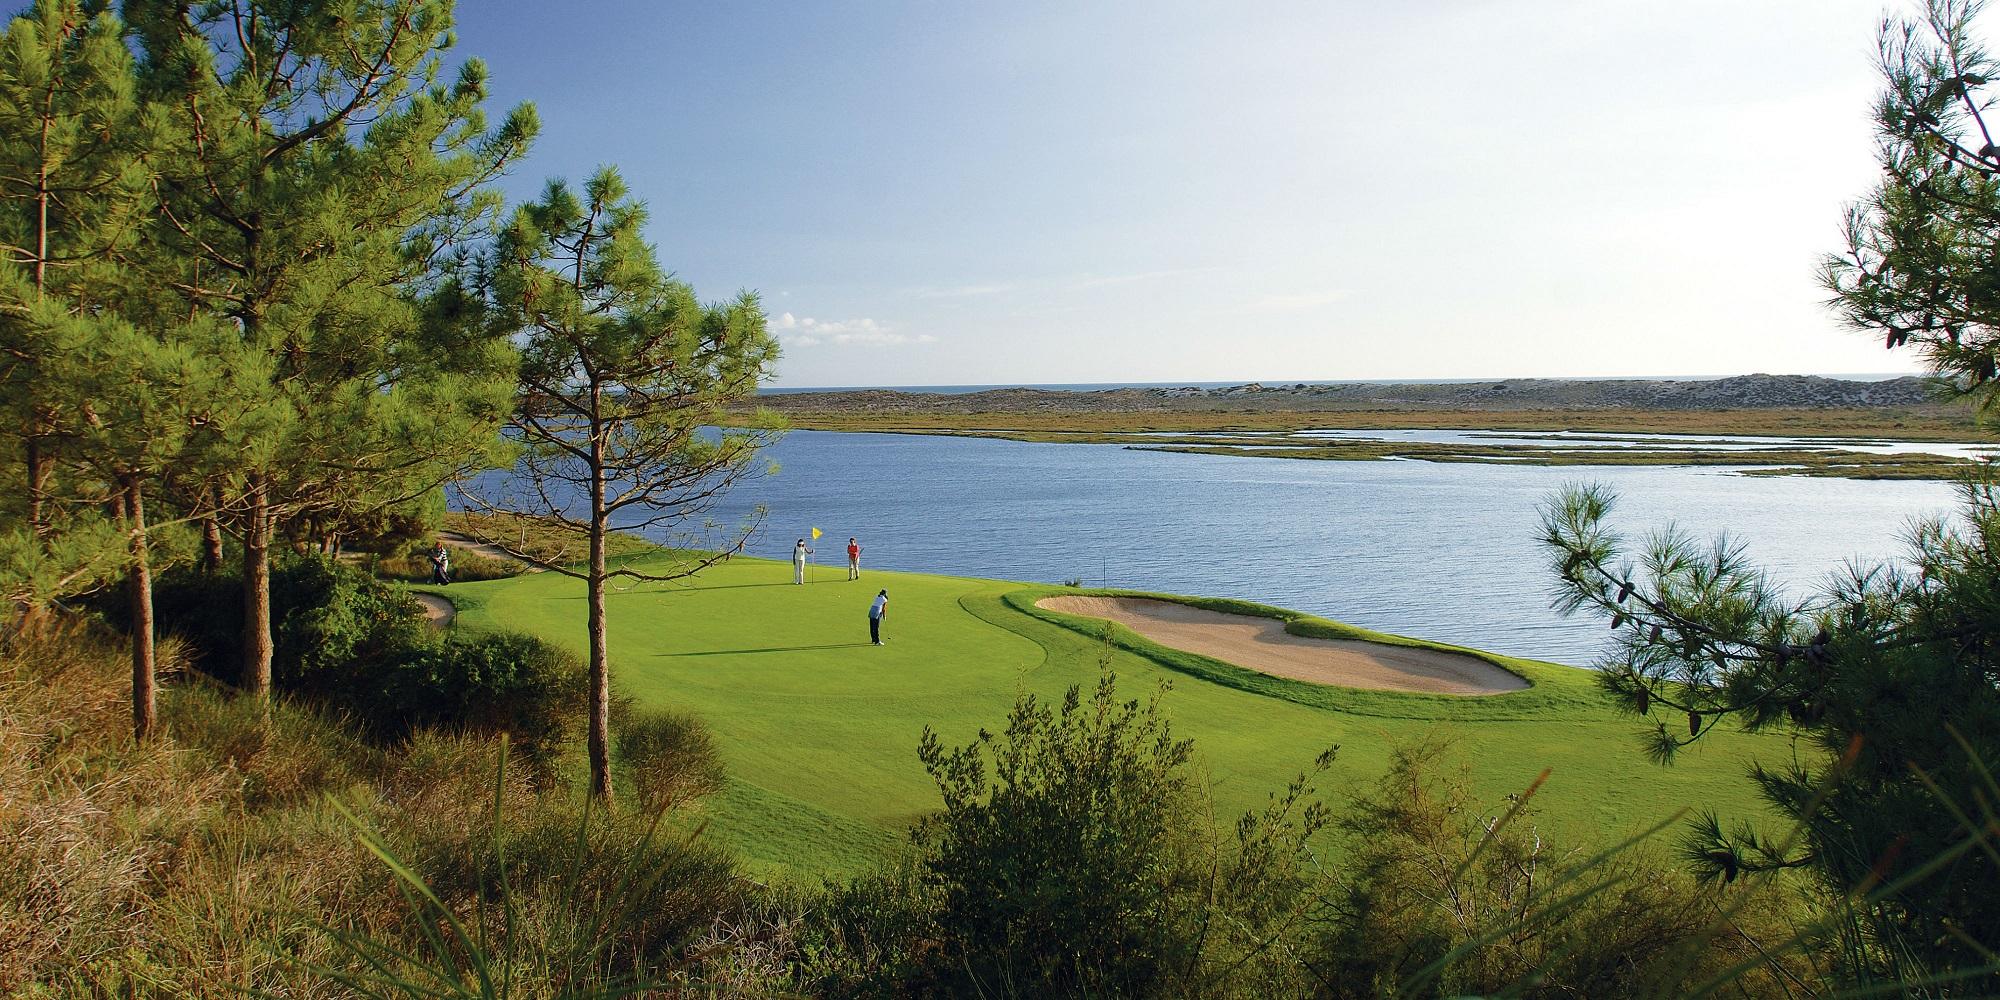 Golfeur sur un green du terrain